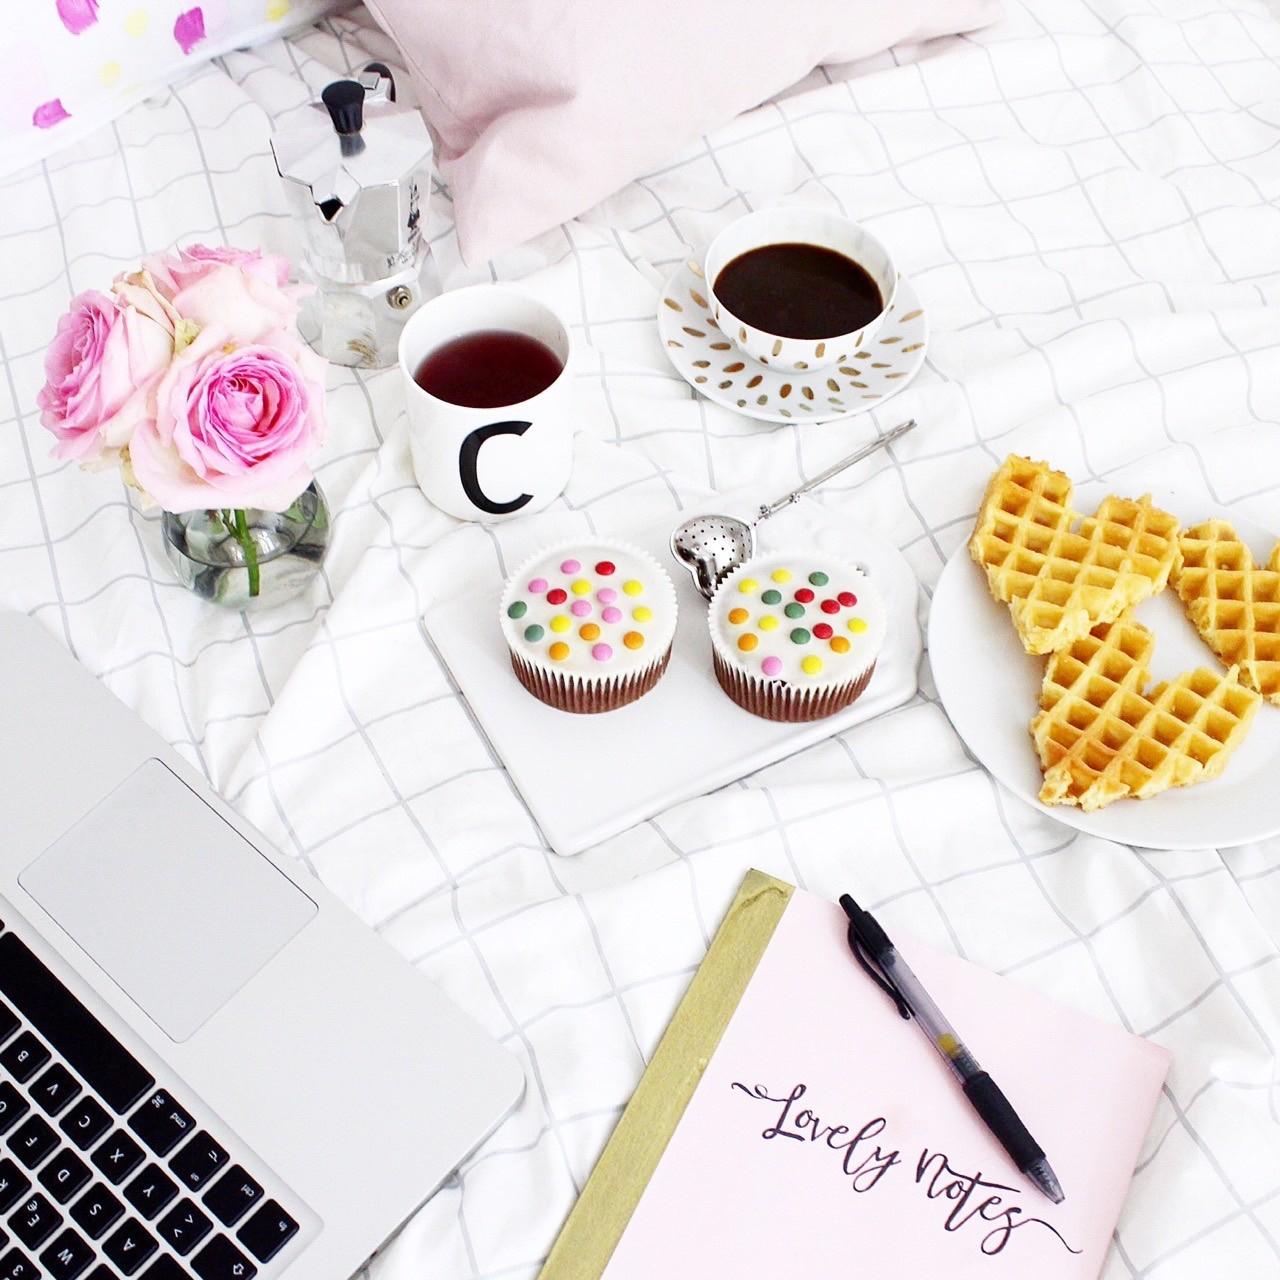 instagram-tipps-mehr-follower-schoene-bilder-erstellen